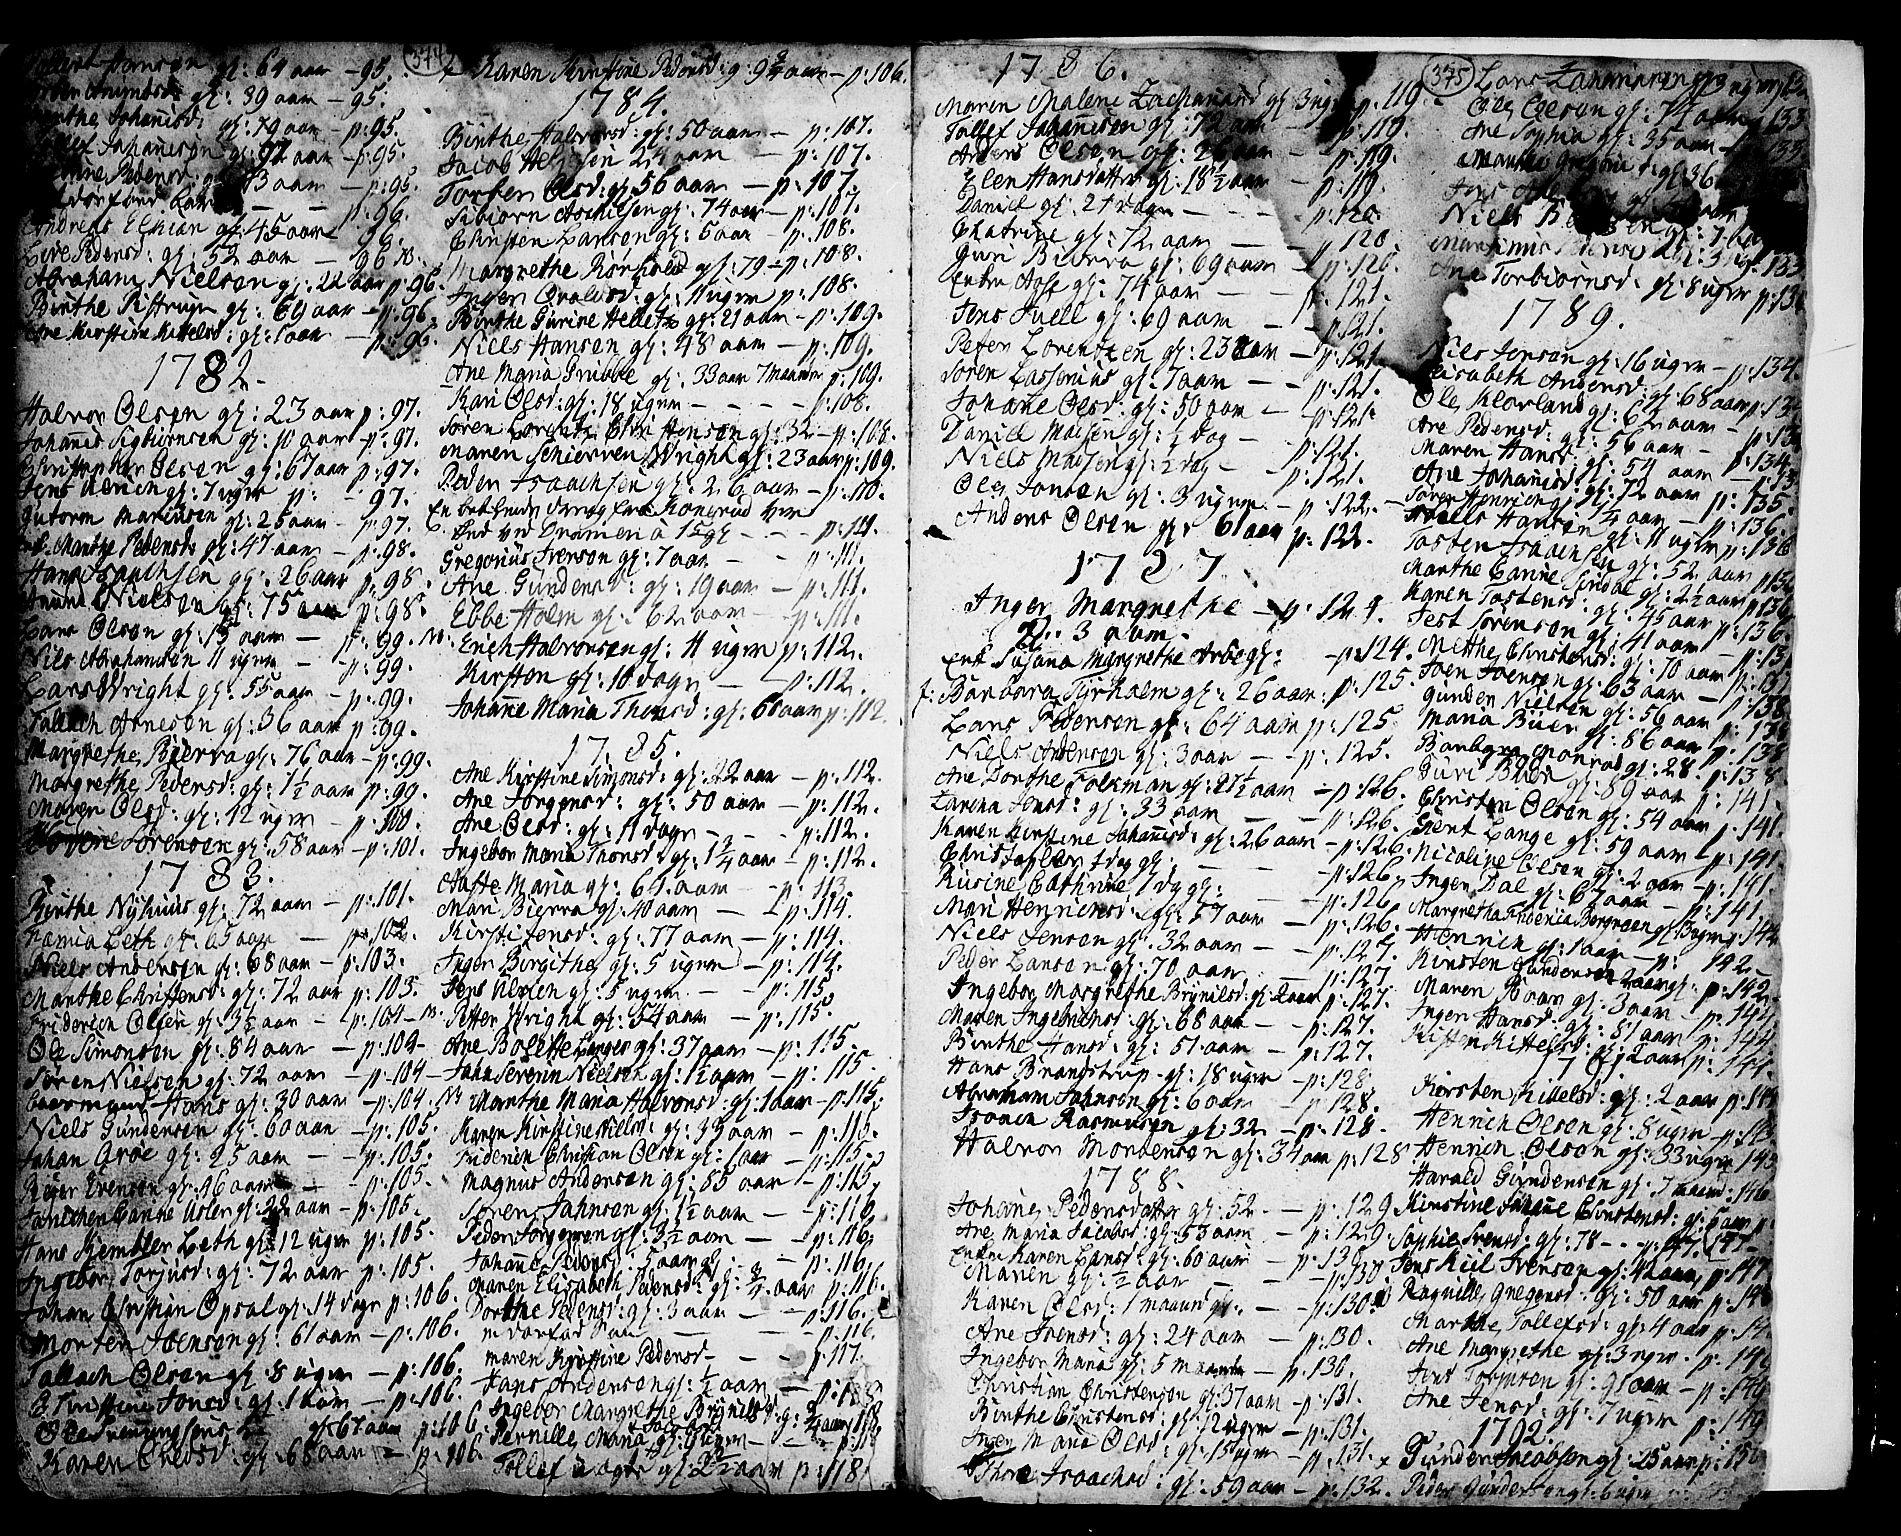 SAKO, Porsgrunn kirkebøker , F/Fa/L0001: Ministerialbok nr. 1, 1764-1814, s. 374-375